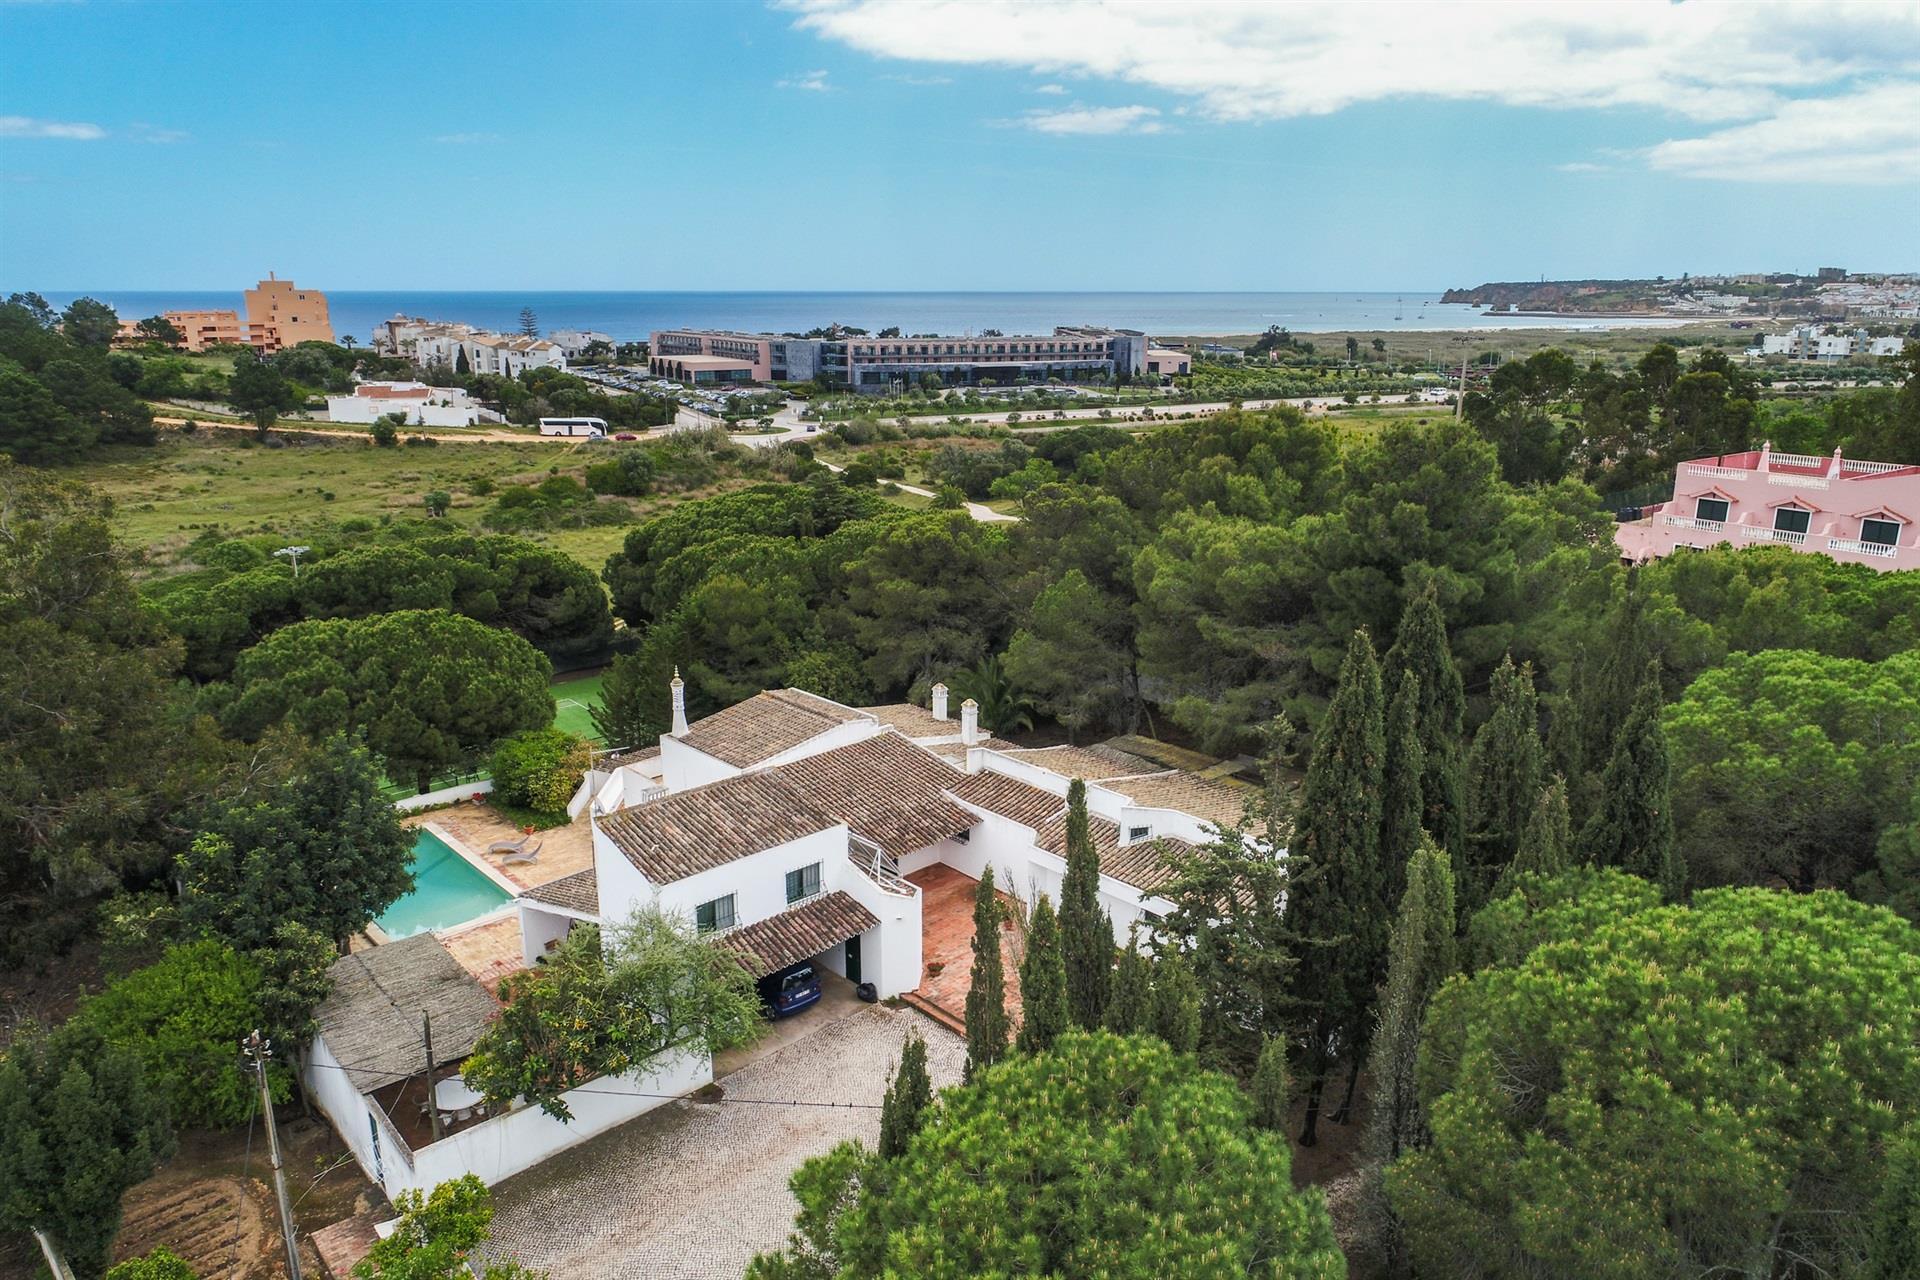 Vista aérea da propriedade / Sotheby's